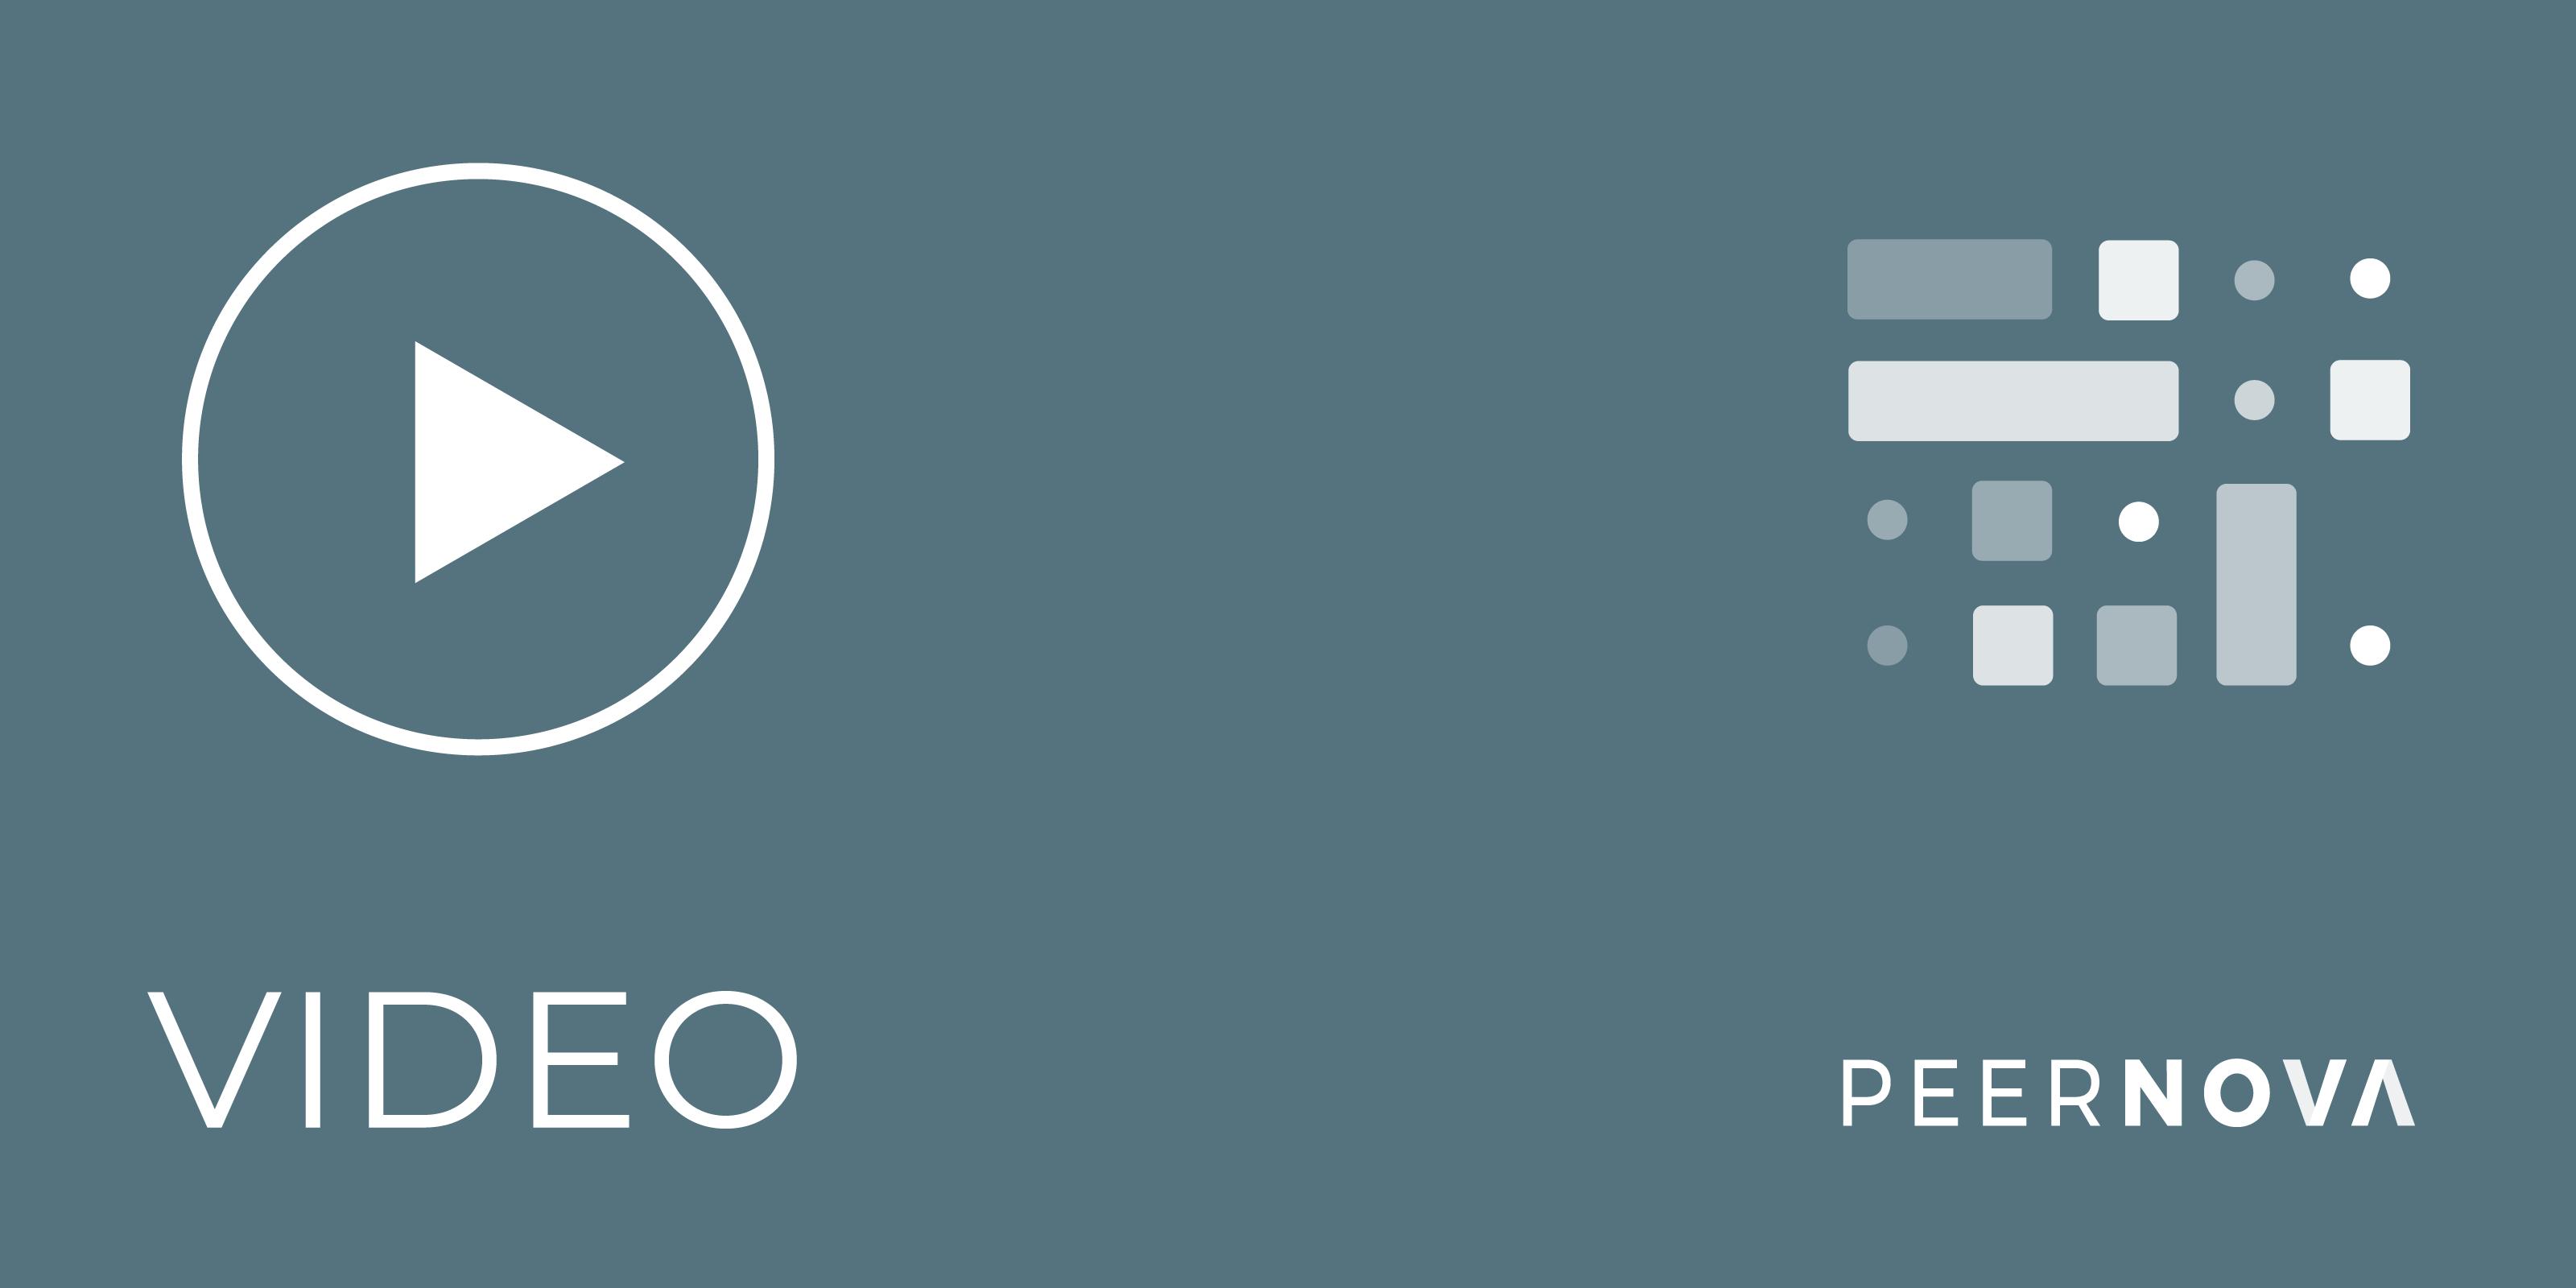 PeerNova Video